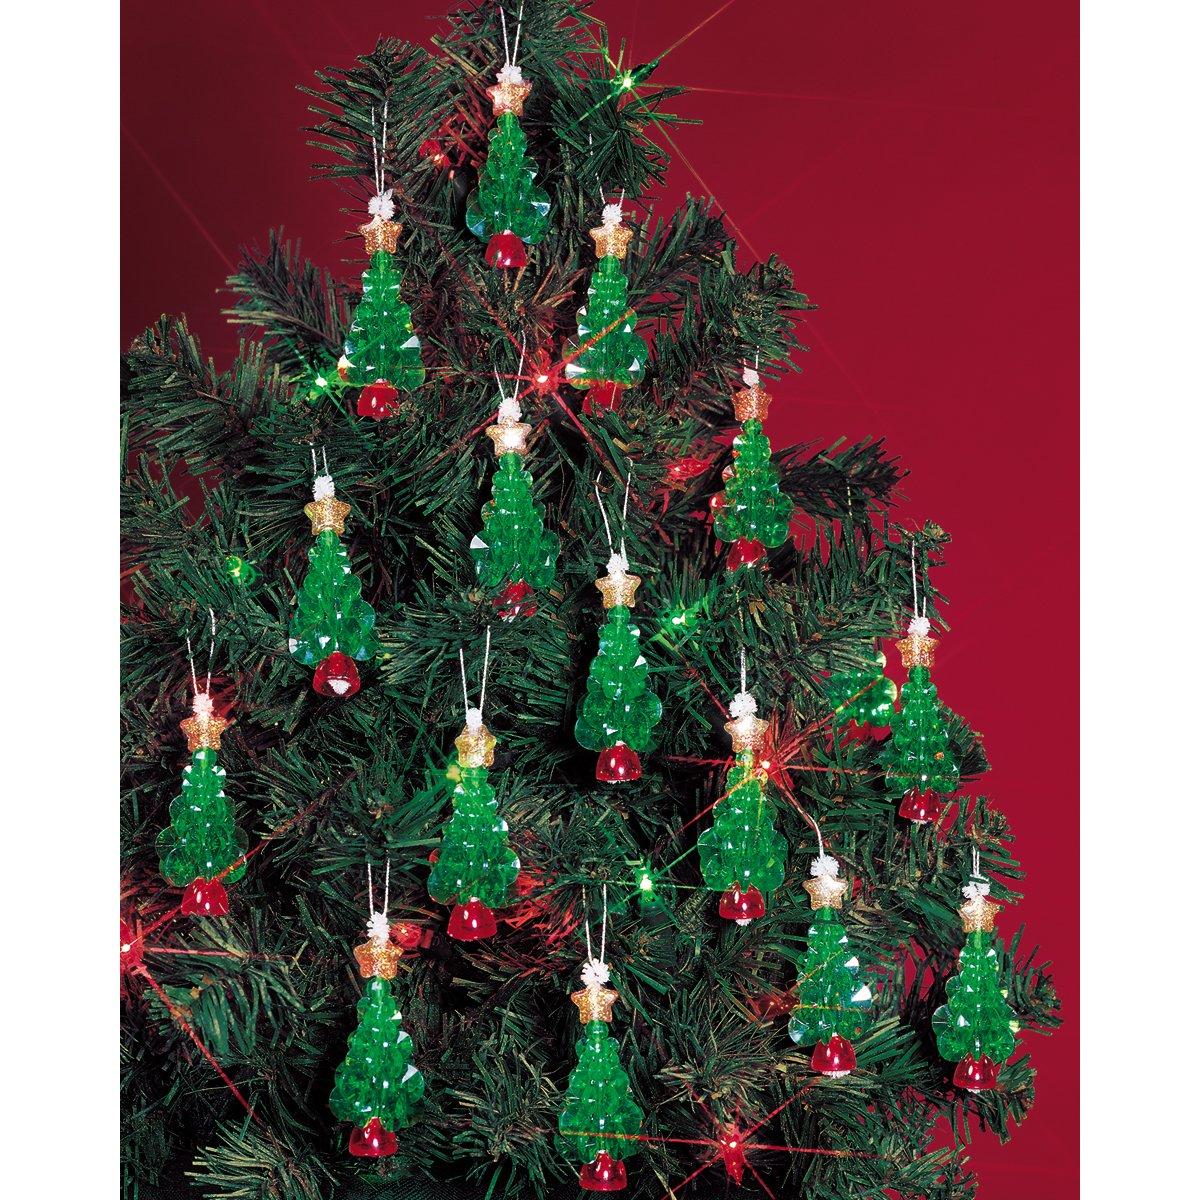 Beadery Holiday Beaded Ornament Kit, 2.25-Inch, Mini Trees, Makes 24 Ornaments by Beadery